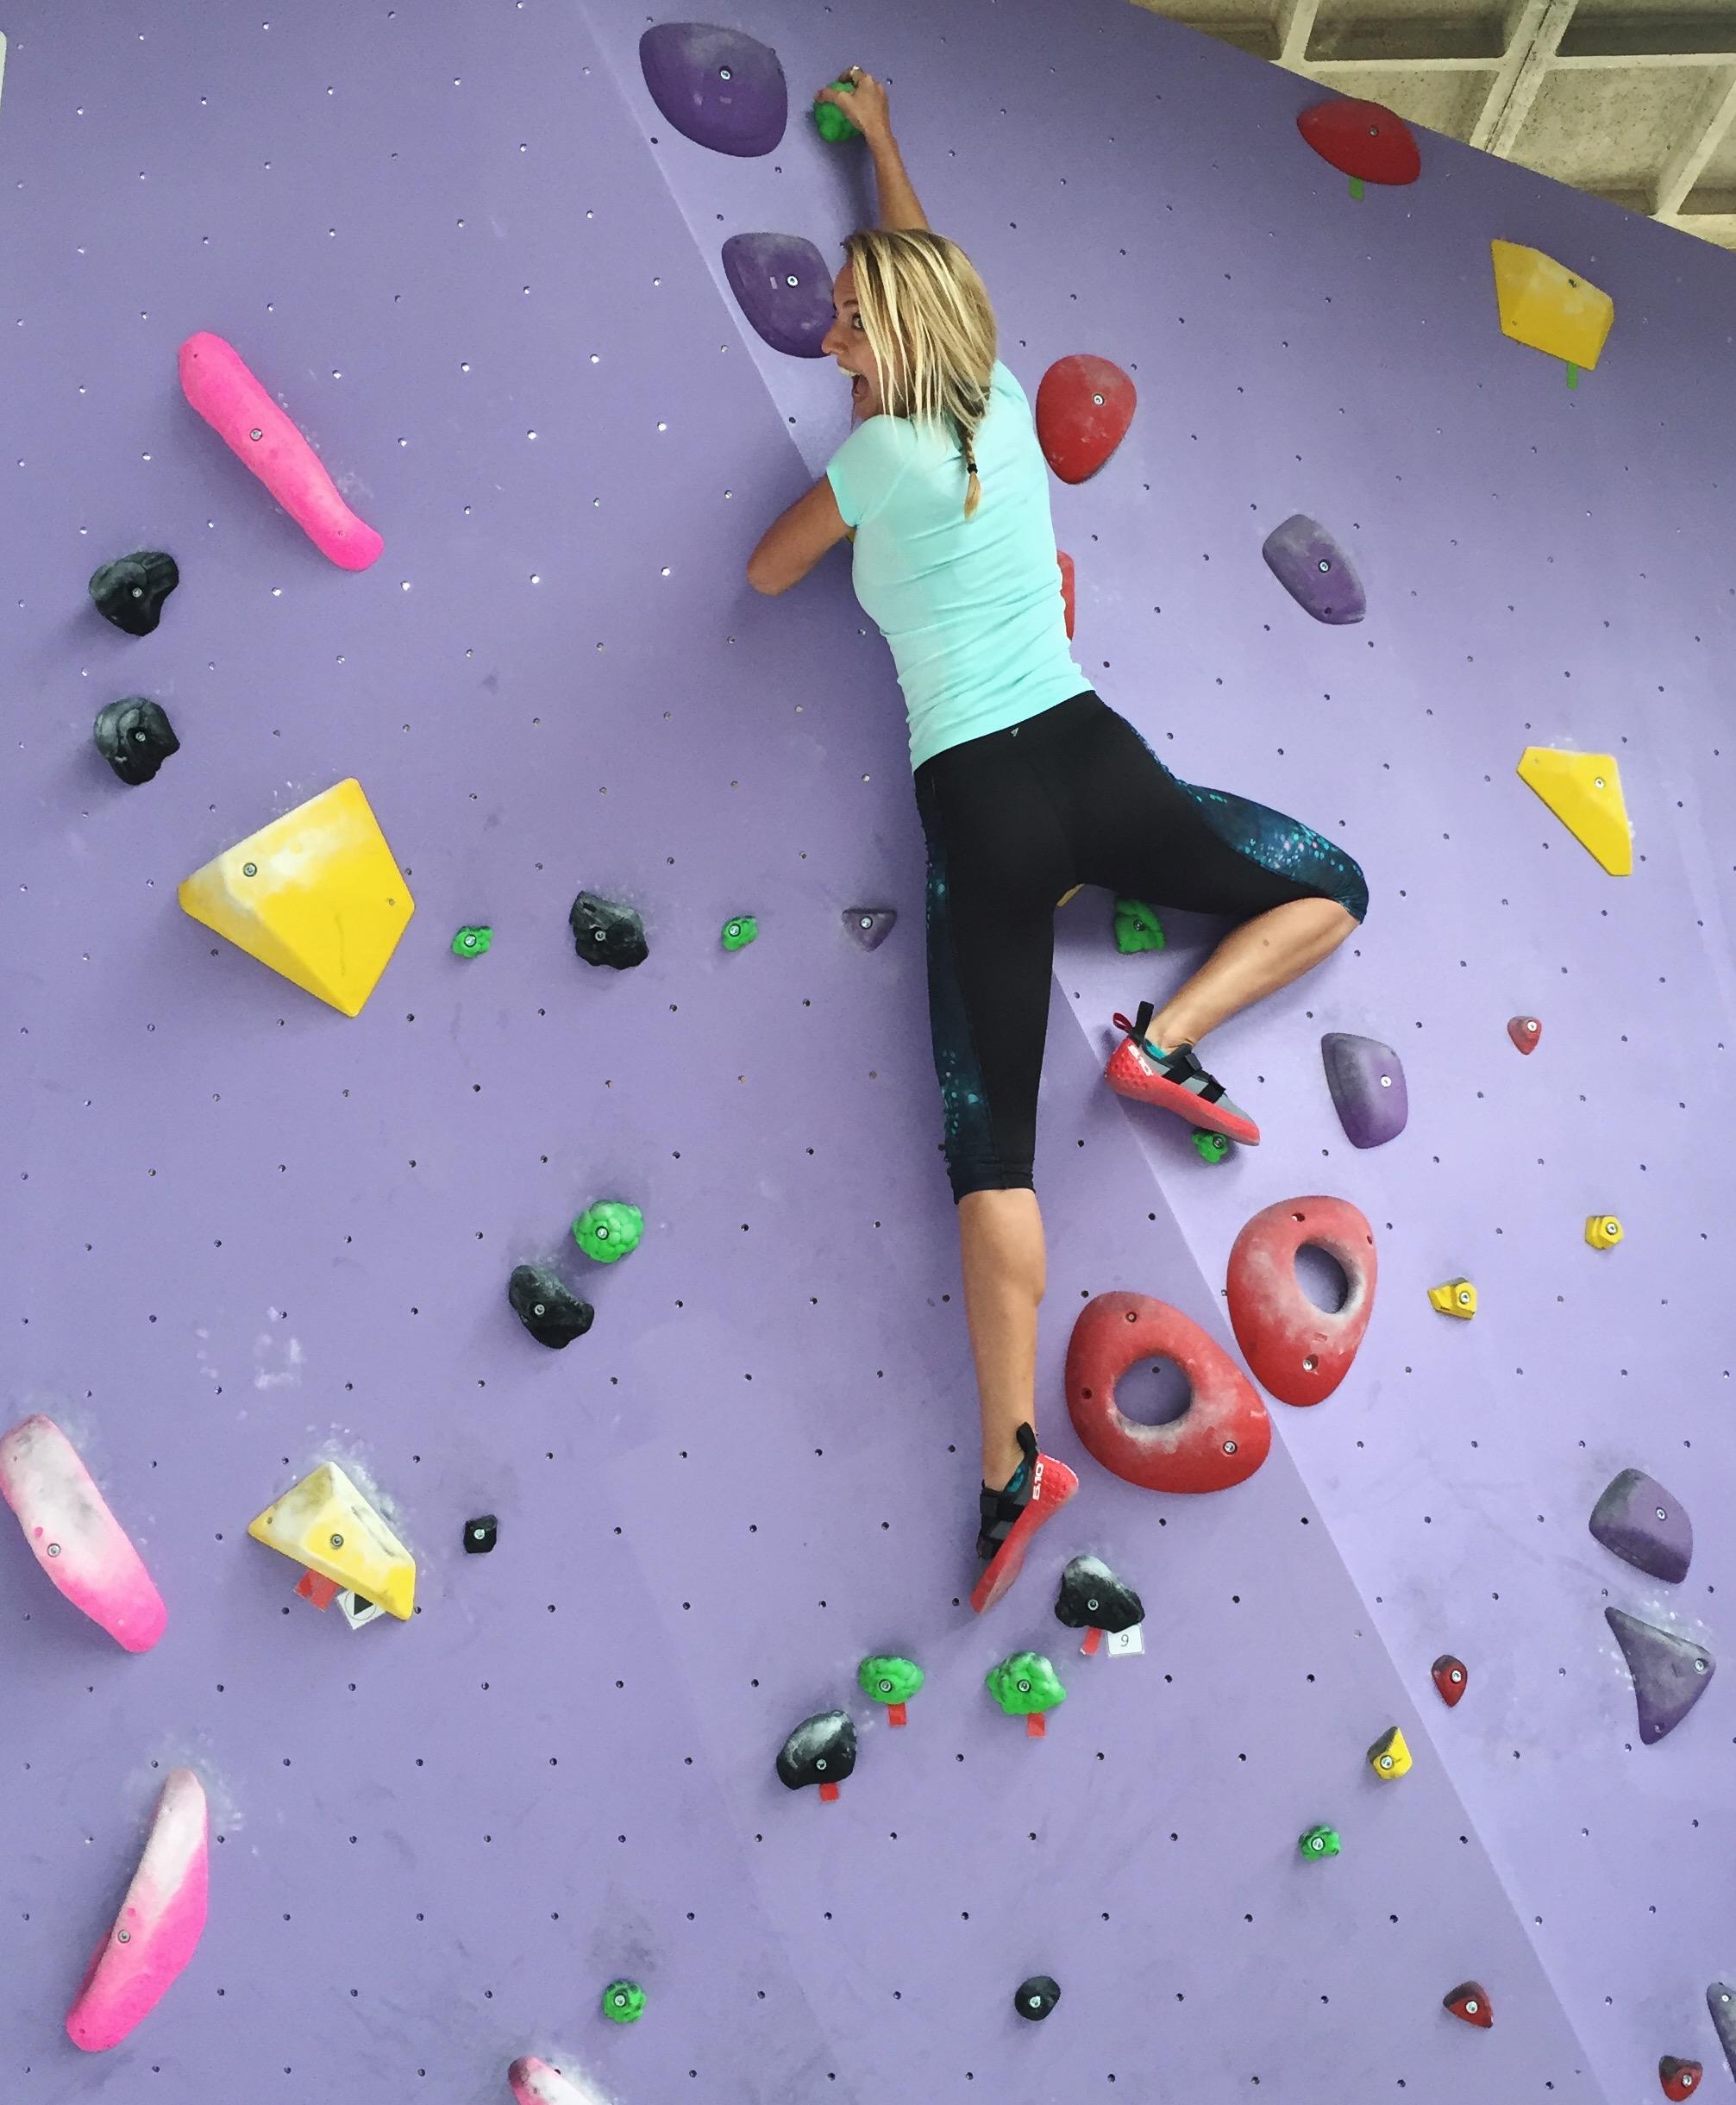 Nieuwe sport getest: boulderen!